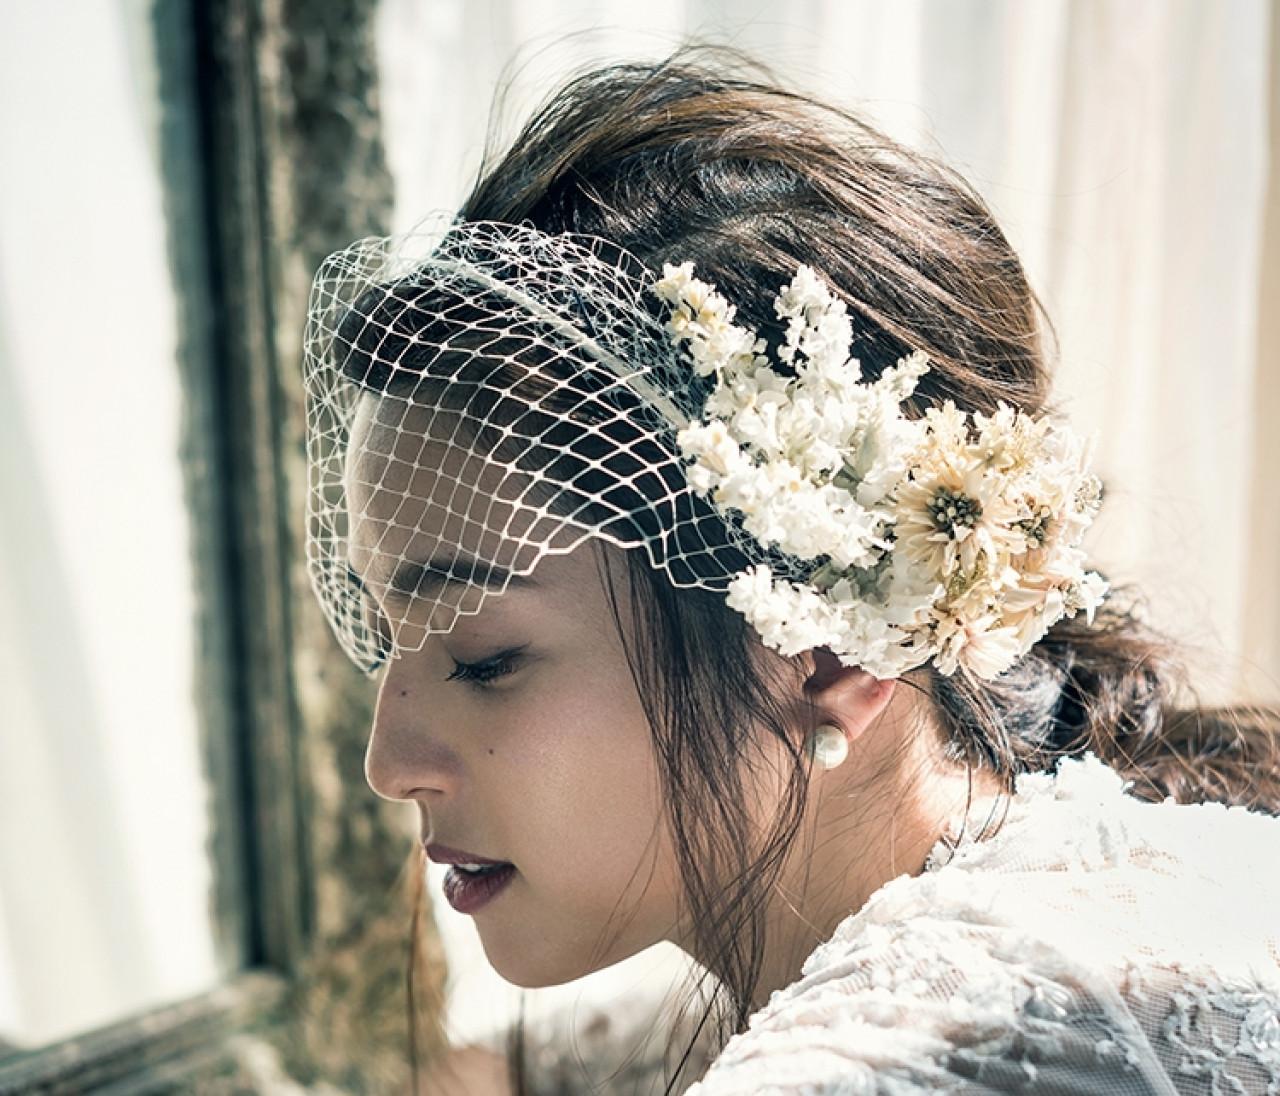 【花嫁の髪型&メイクまとめ】最高の1日のための39選!ヘッドドレスやヘアアレンジも♡【結婚式で最高の花嫁になる!2】